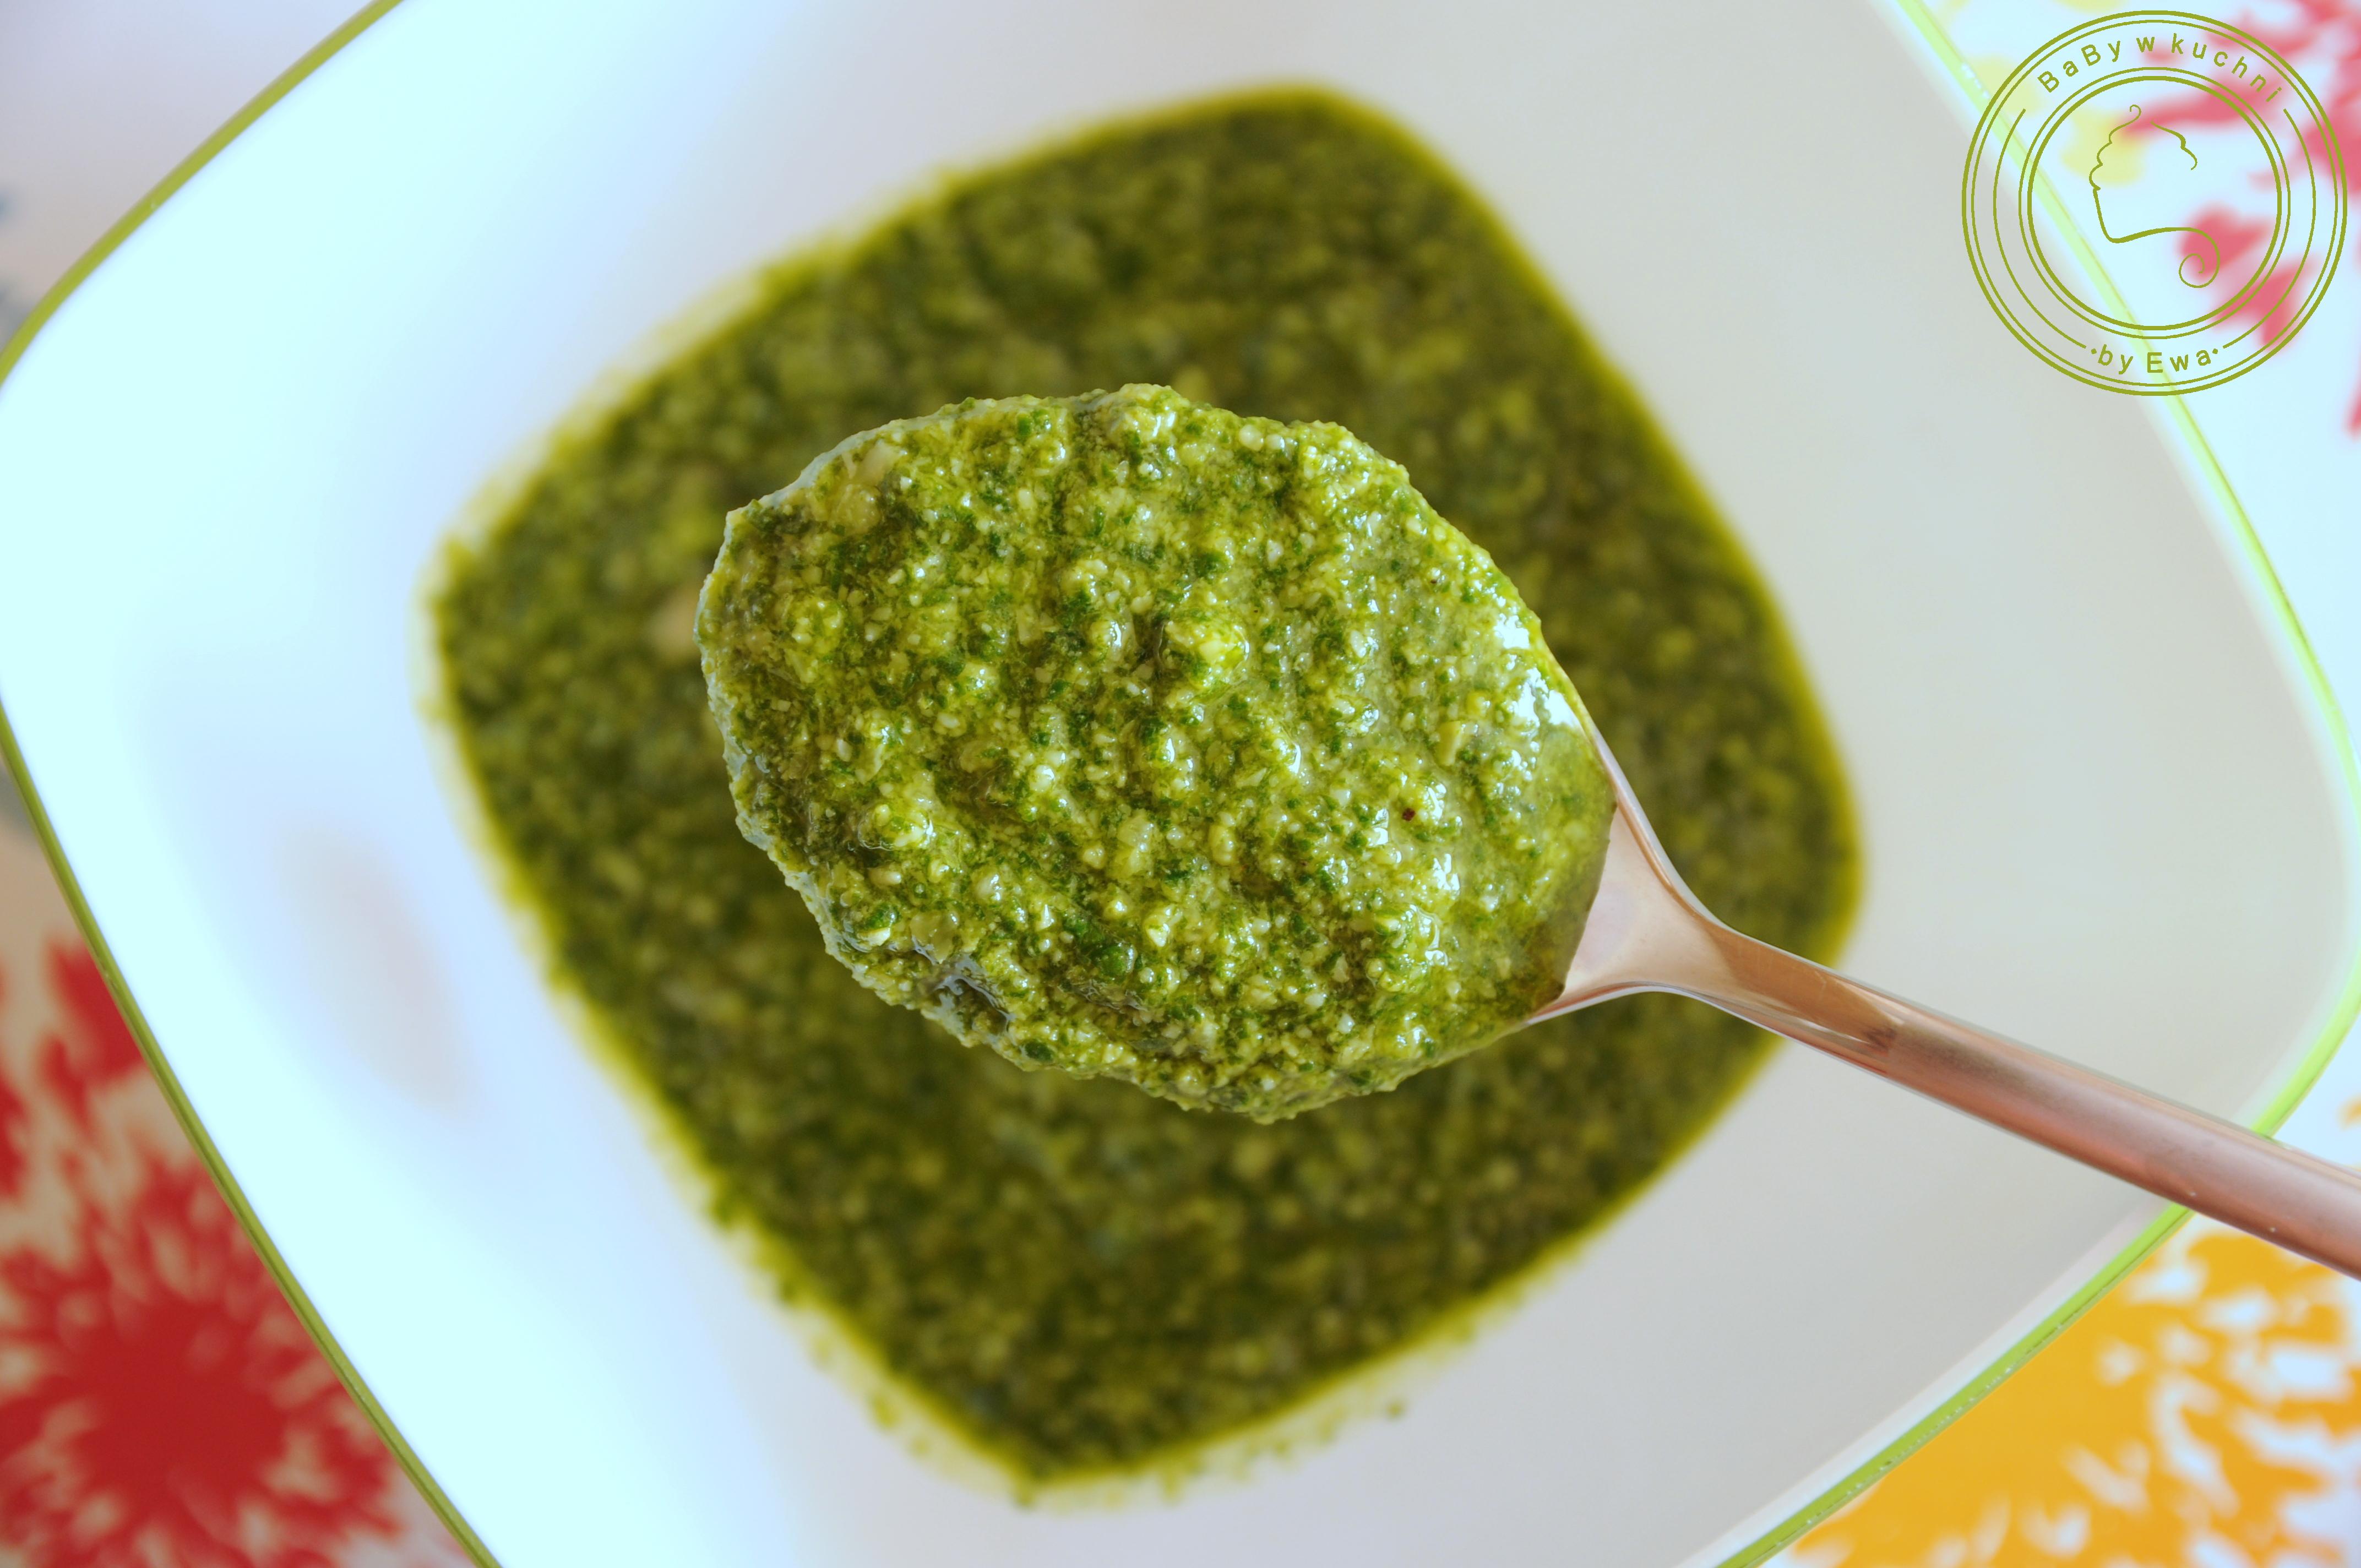 Pesto z bazylii przepis podstawowy